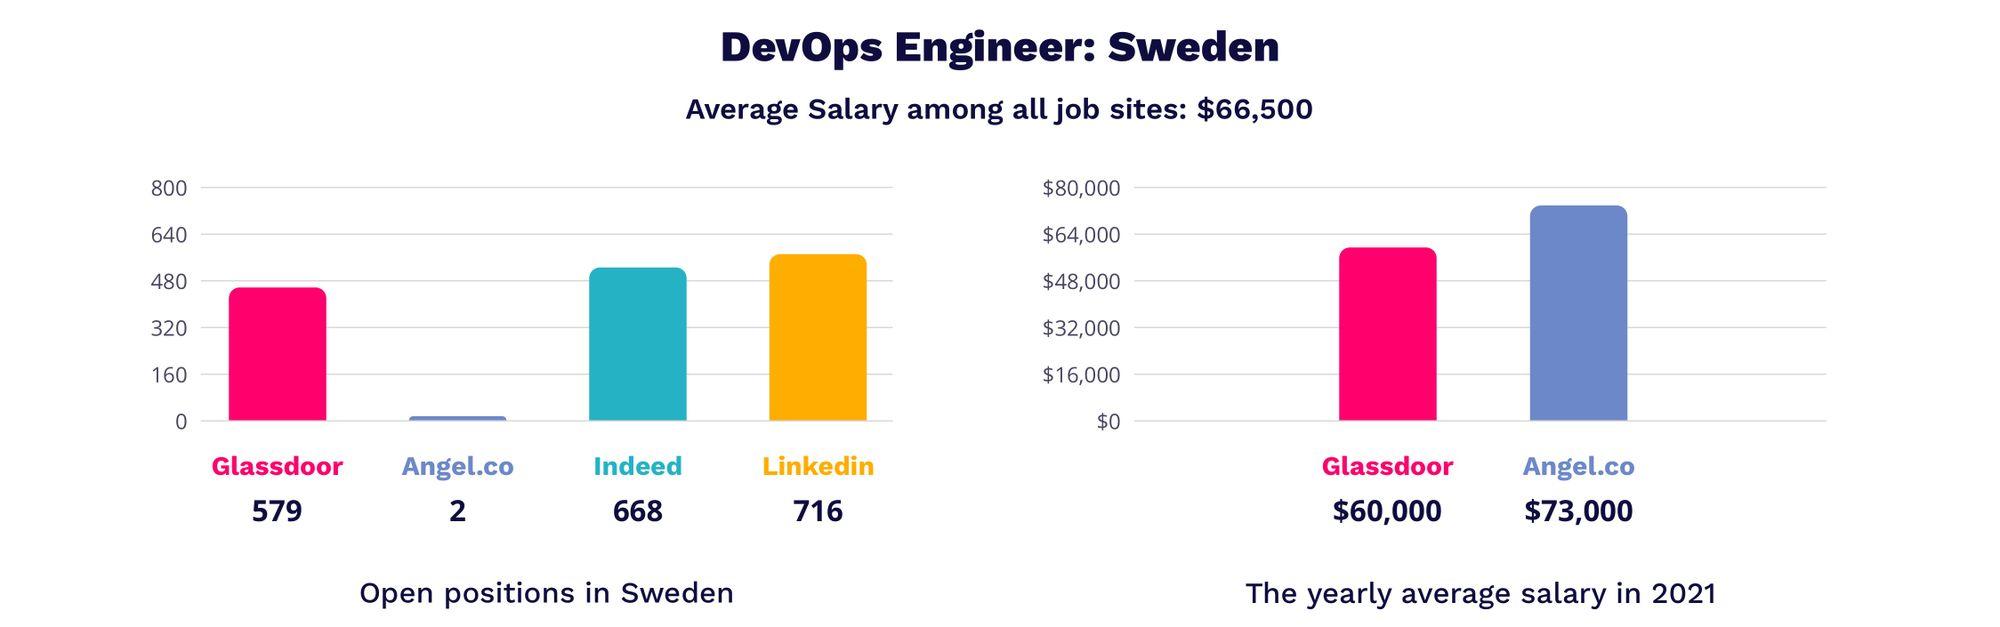 devops engineer salaries in Sweden